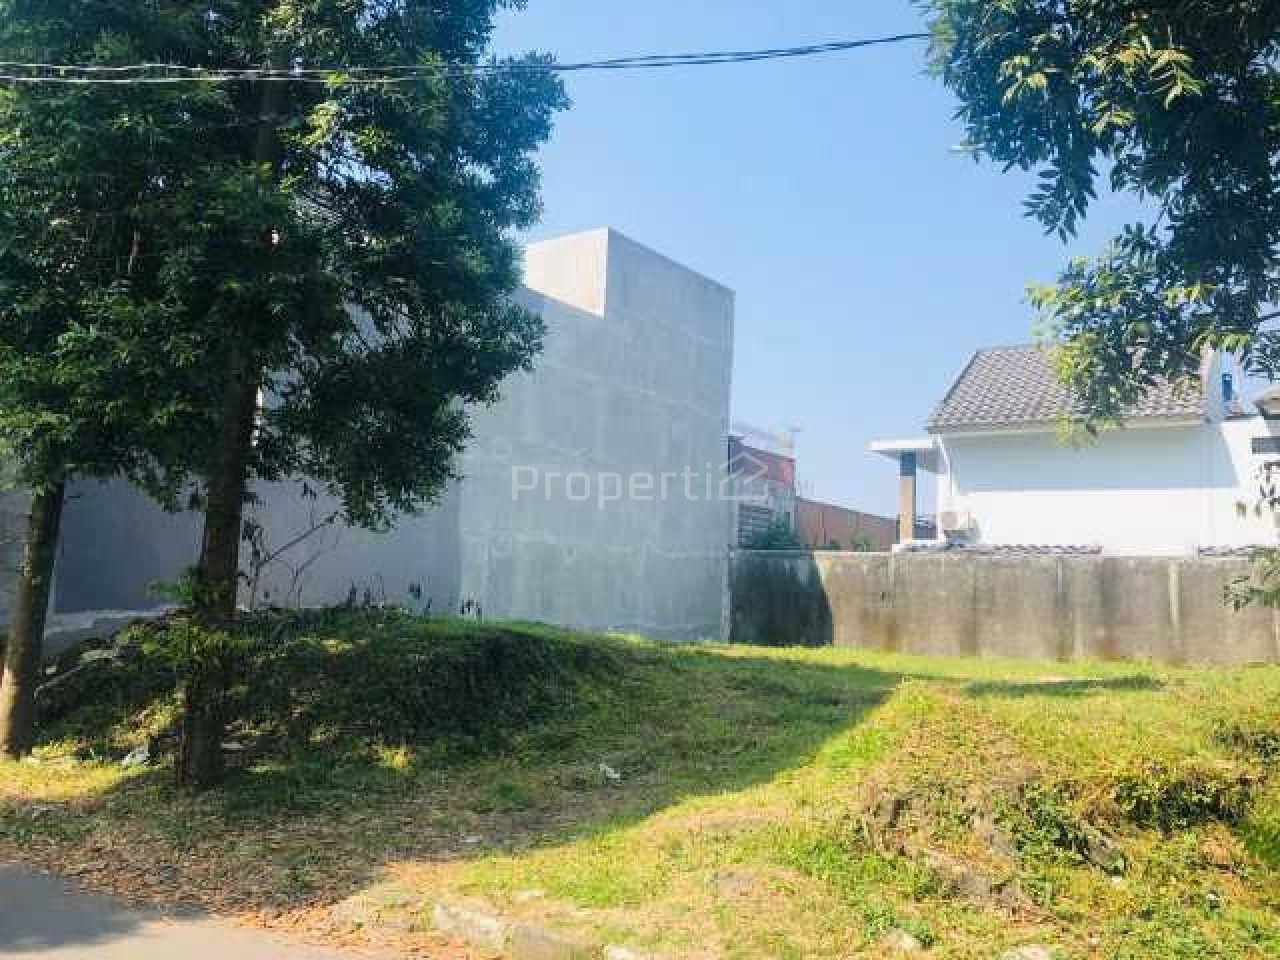 Plot Land at Pondok Hijau, Bandung City, Kota Bandung